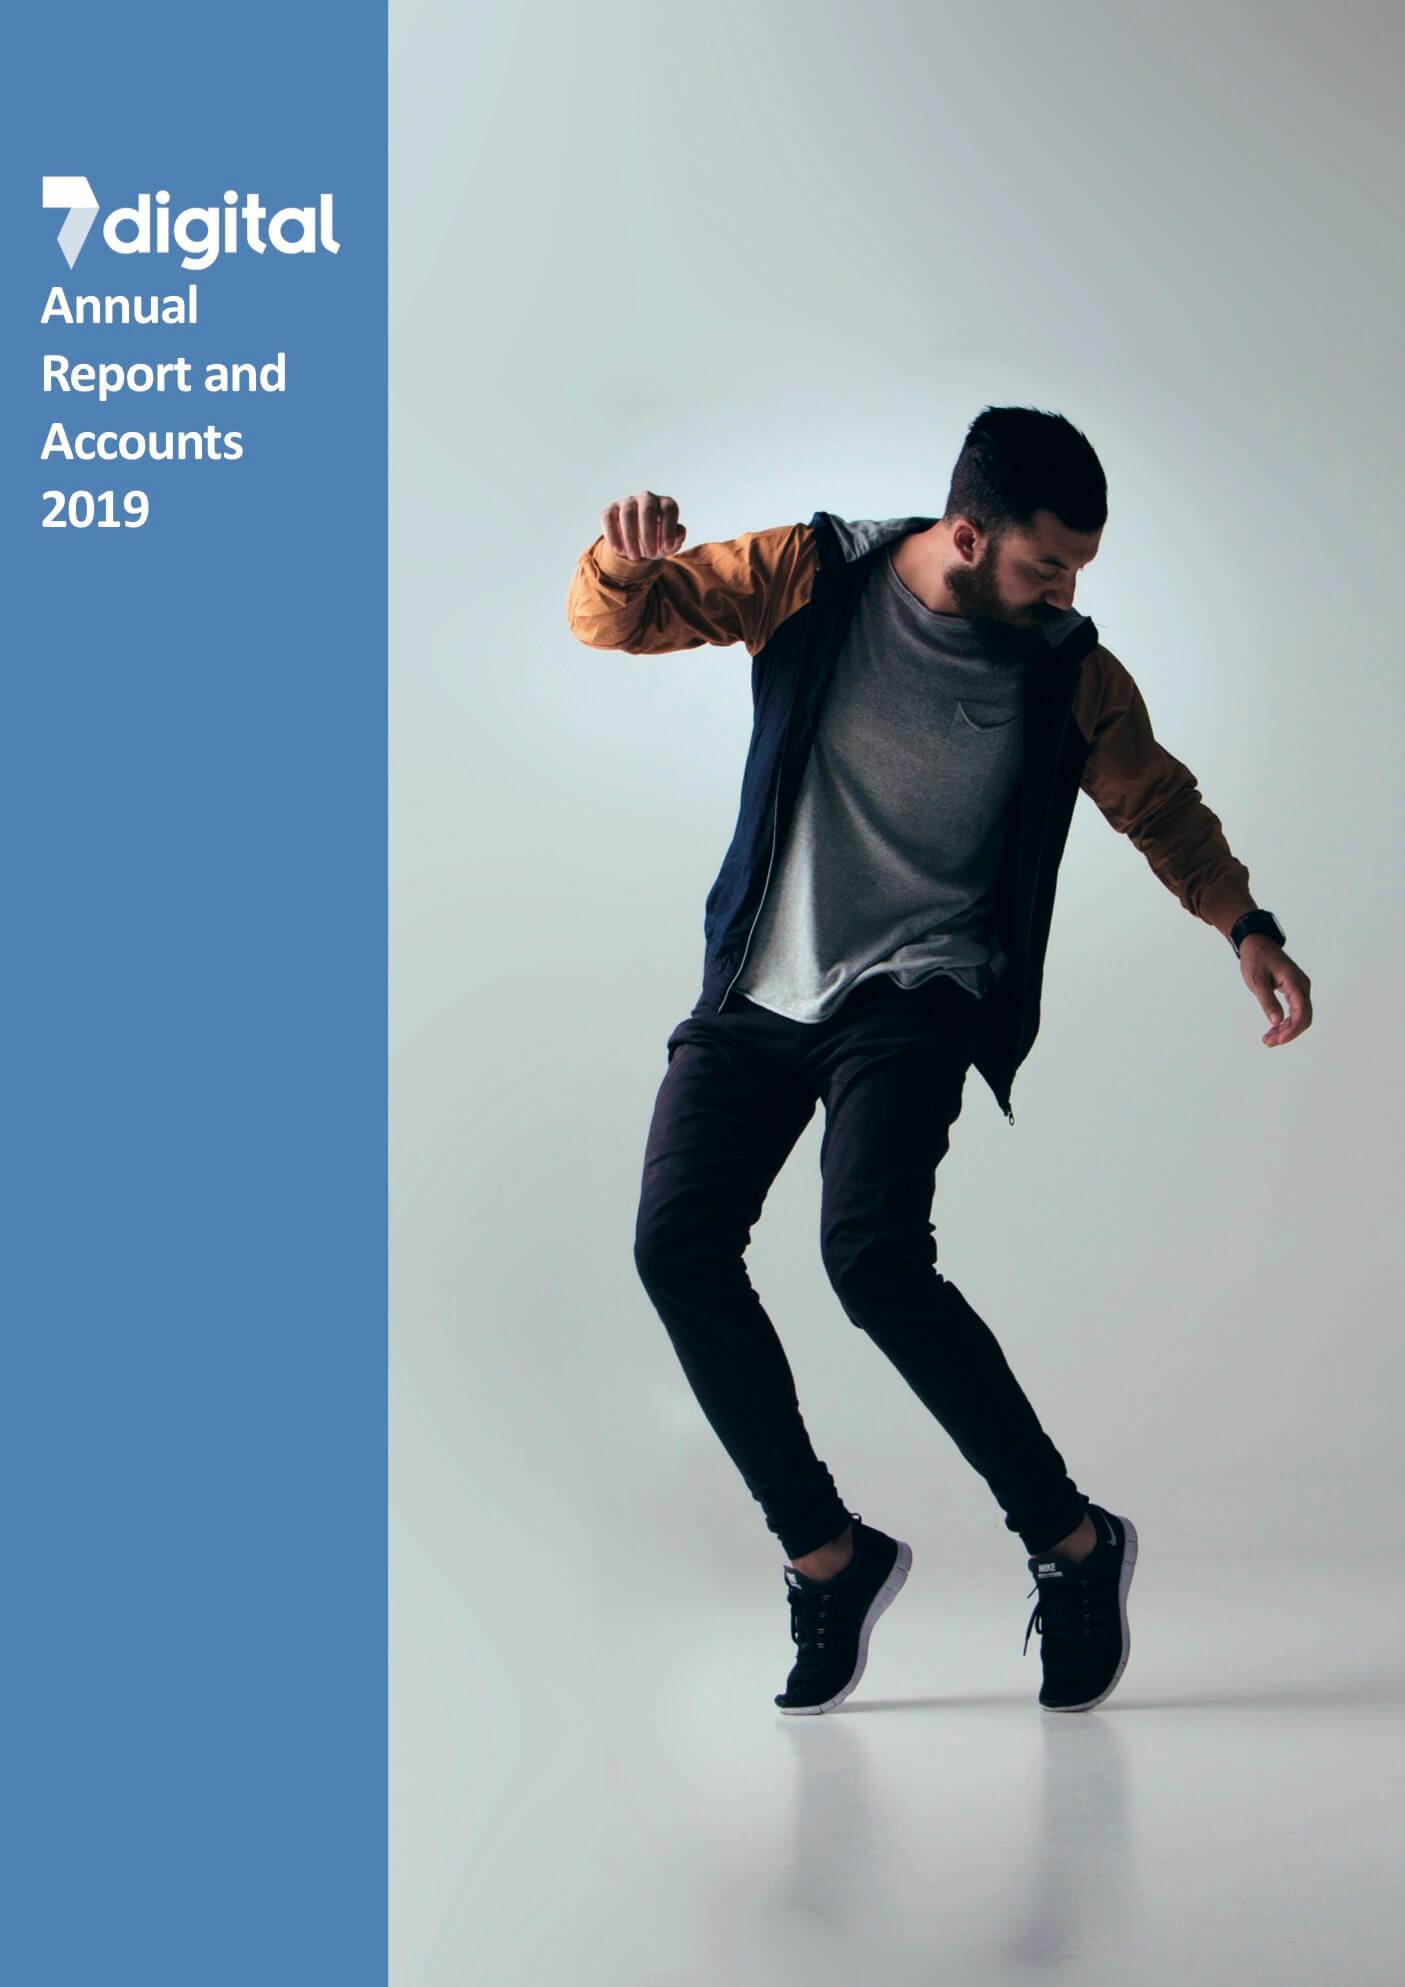 7digital report cover